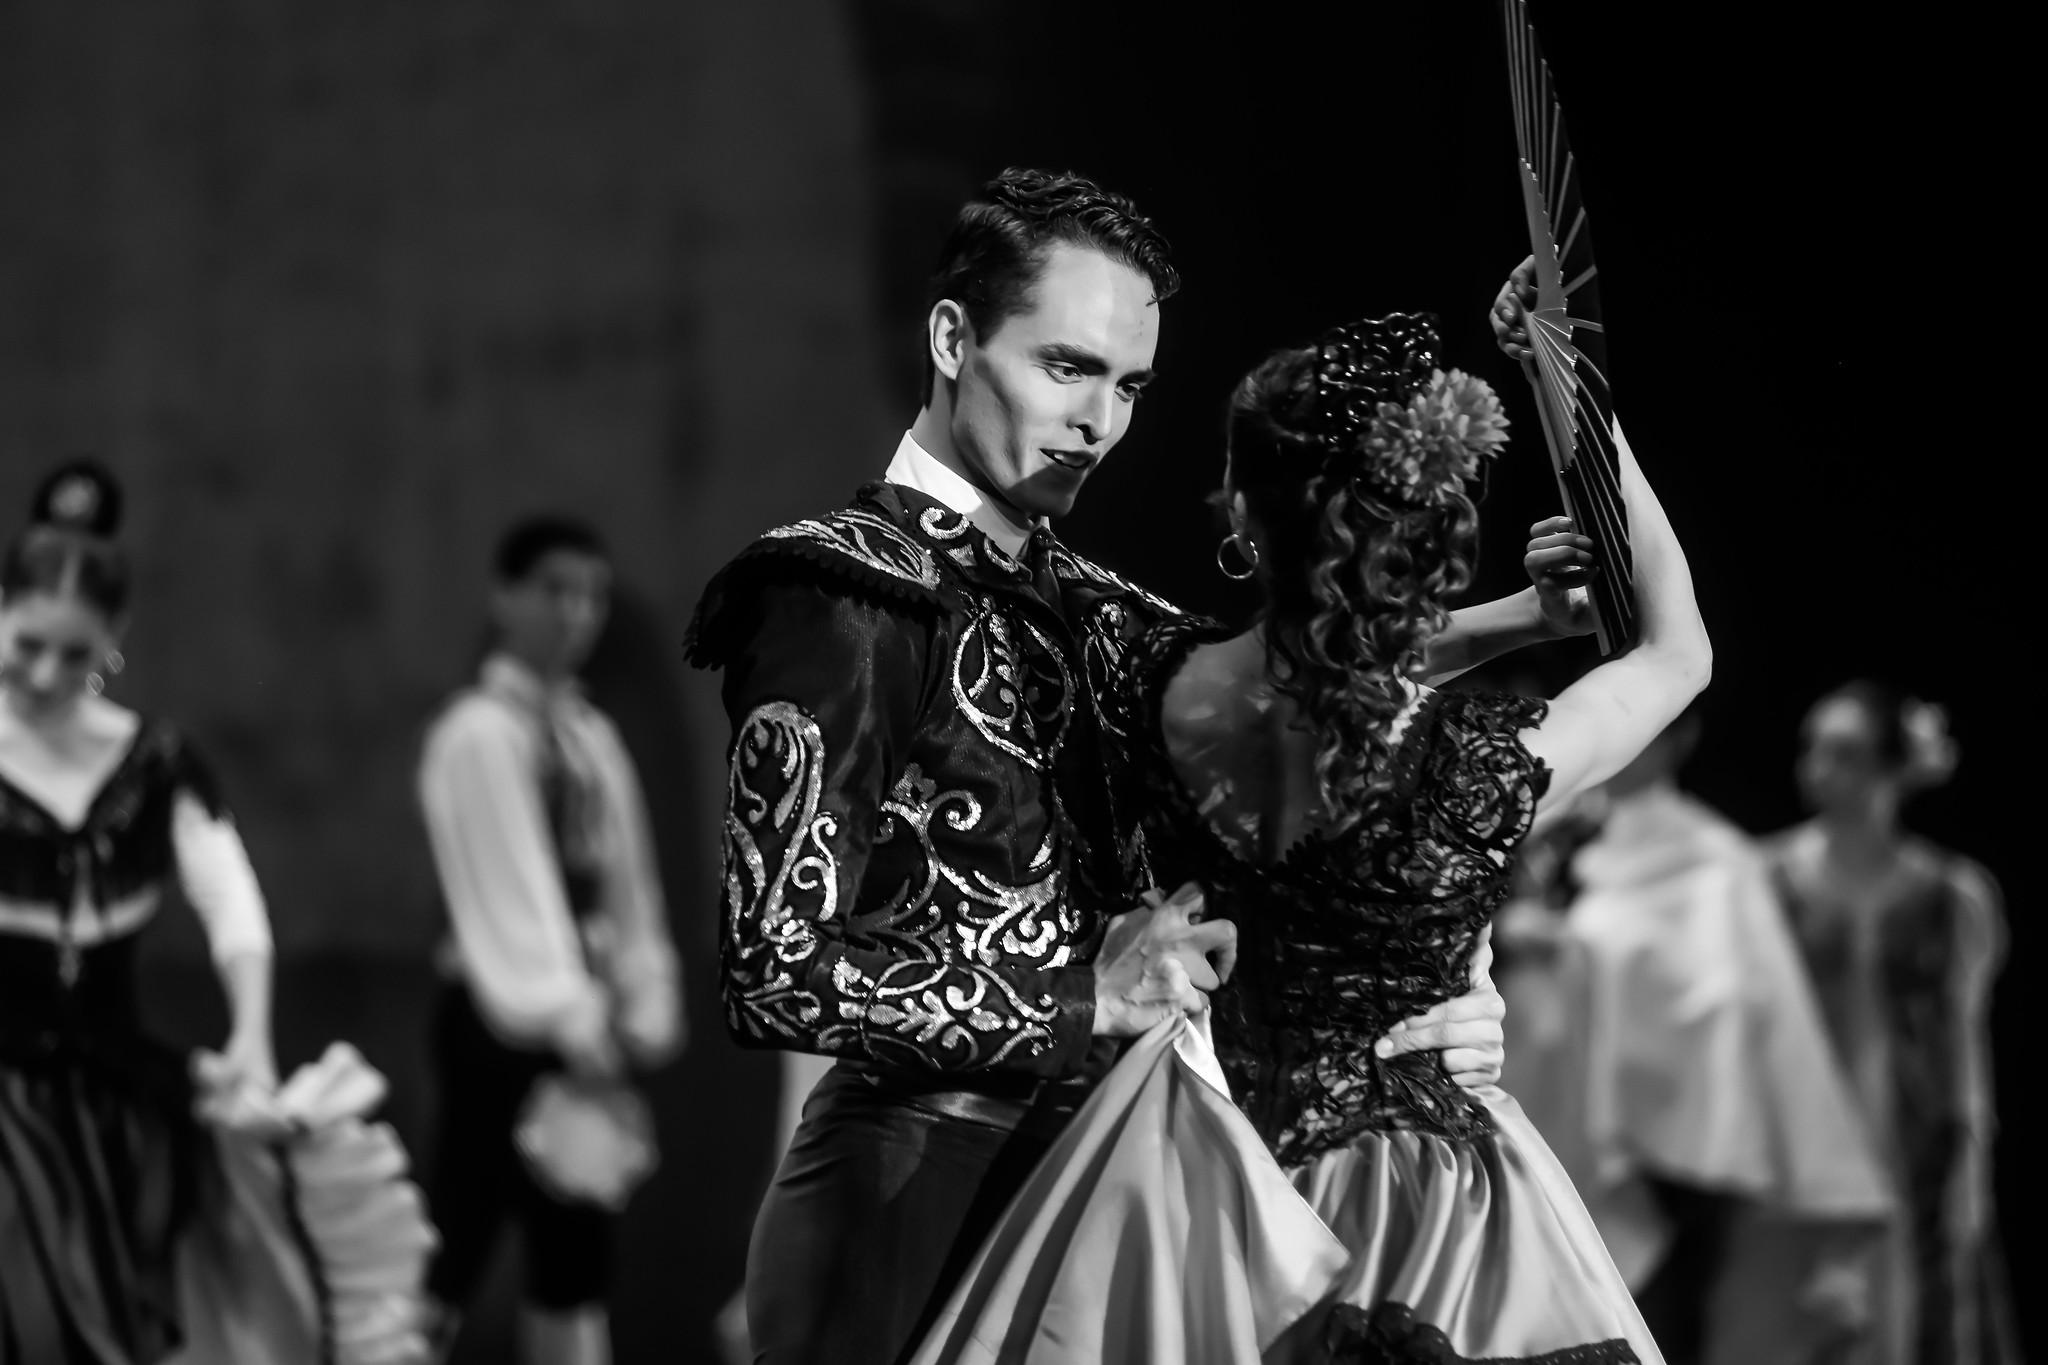 Una vez más llega Don Quijote al Teatro Degollado